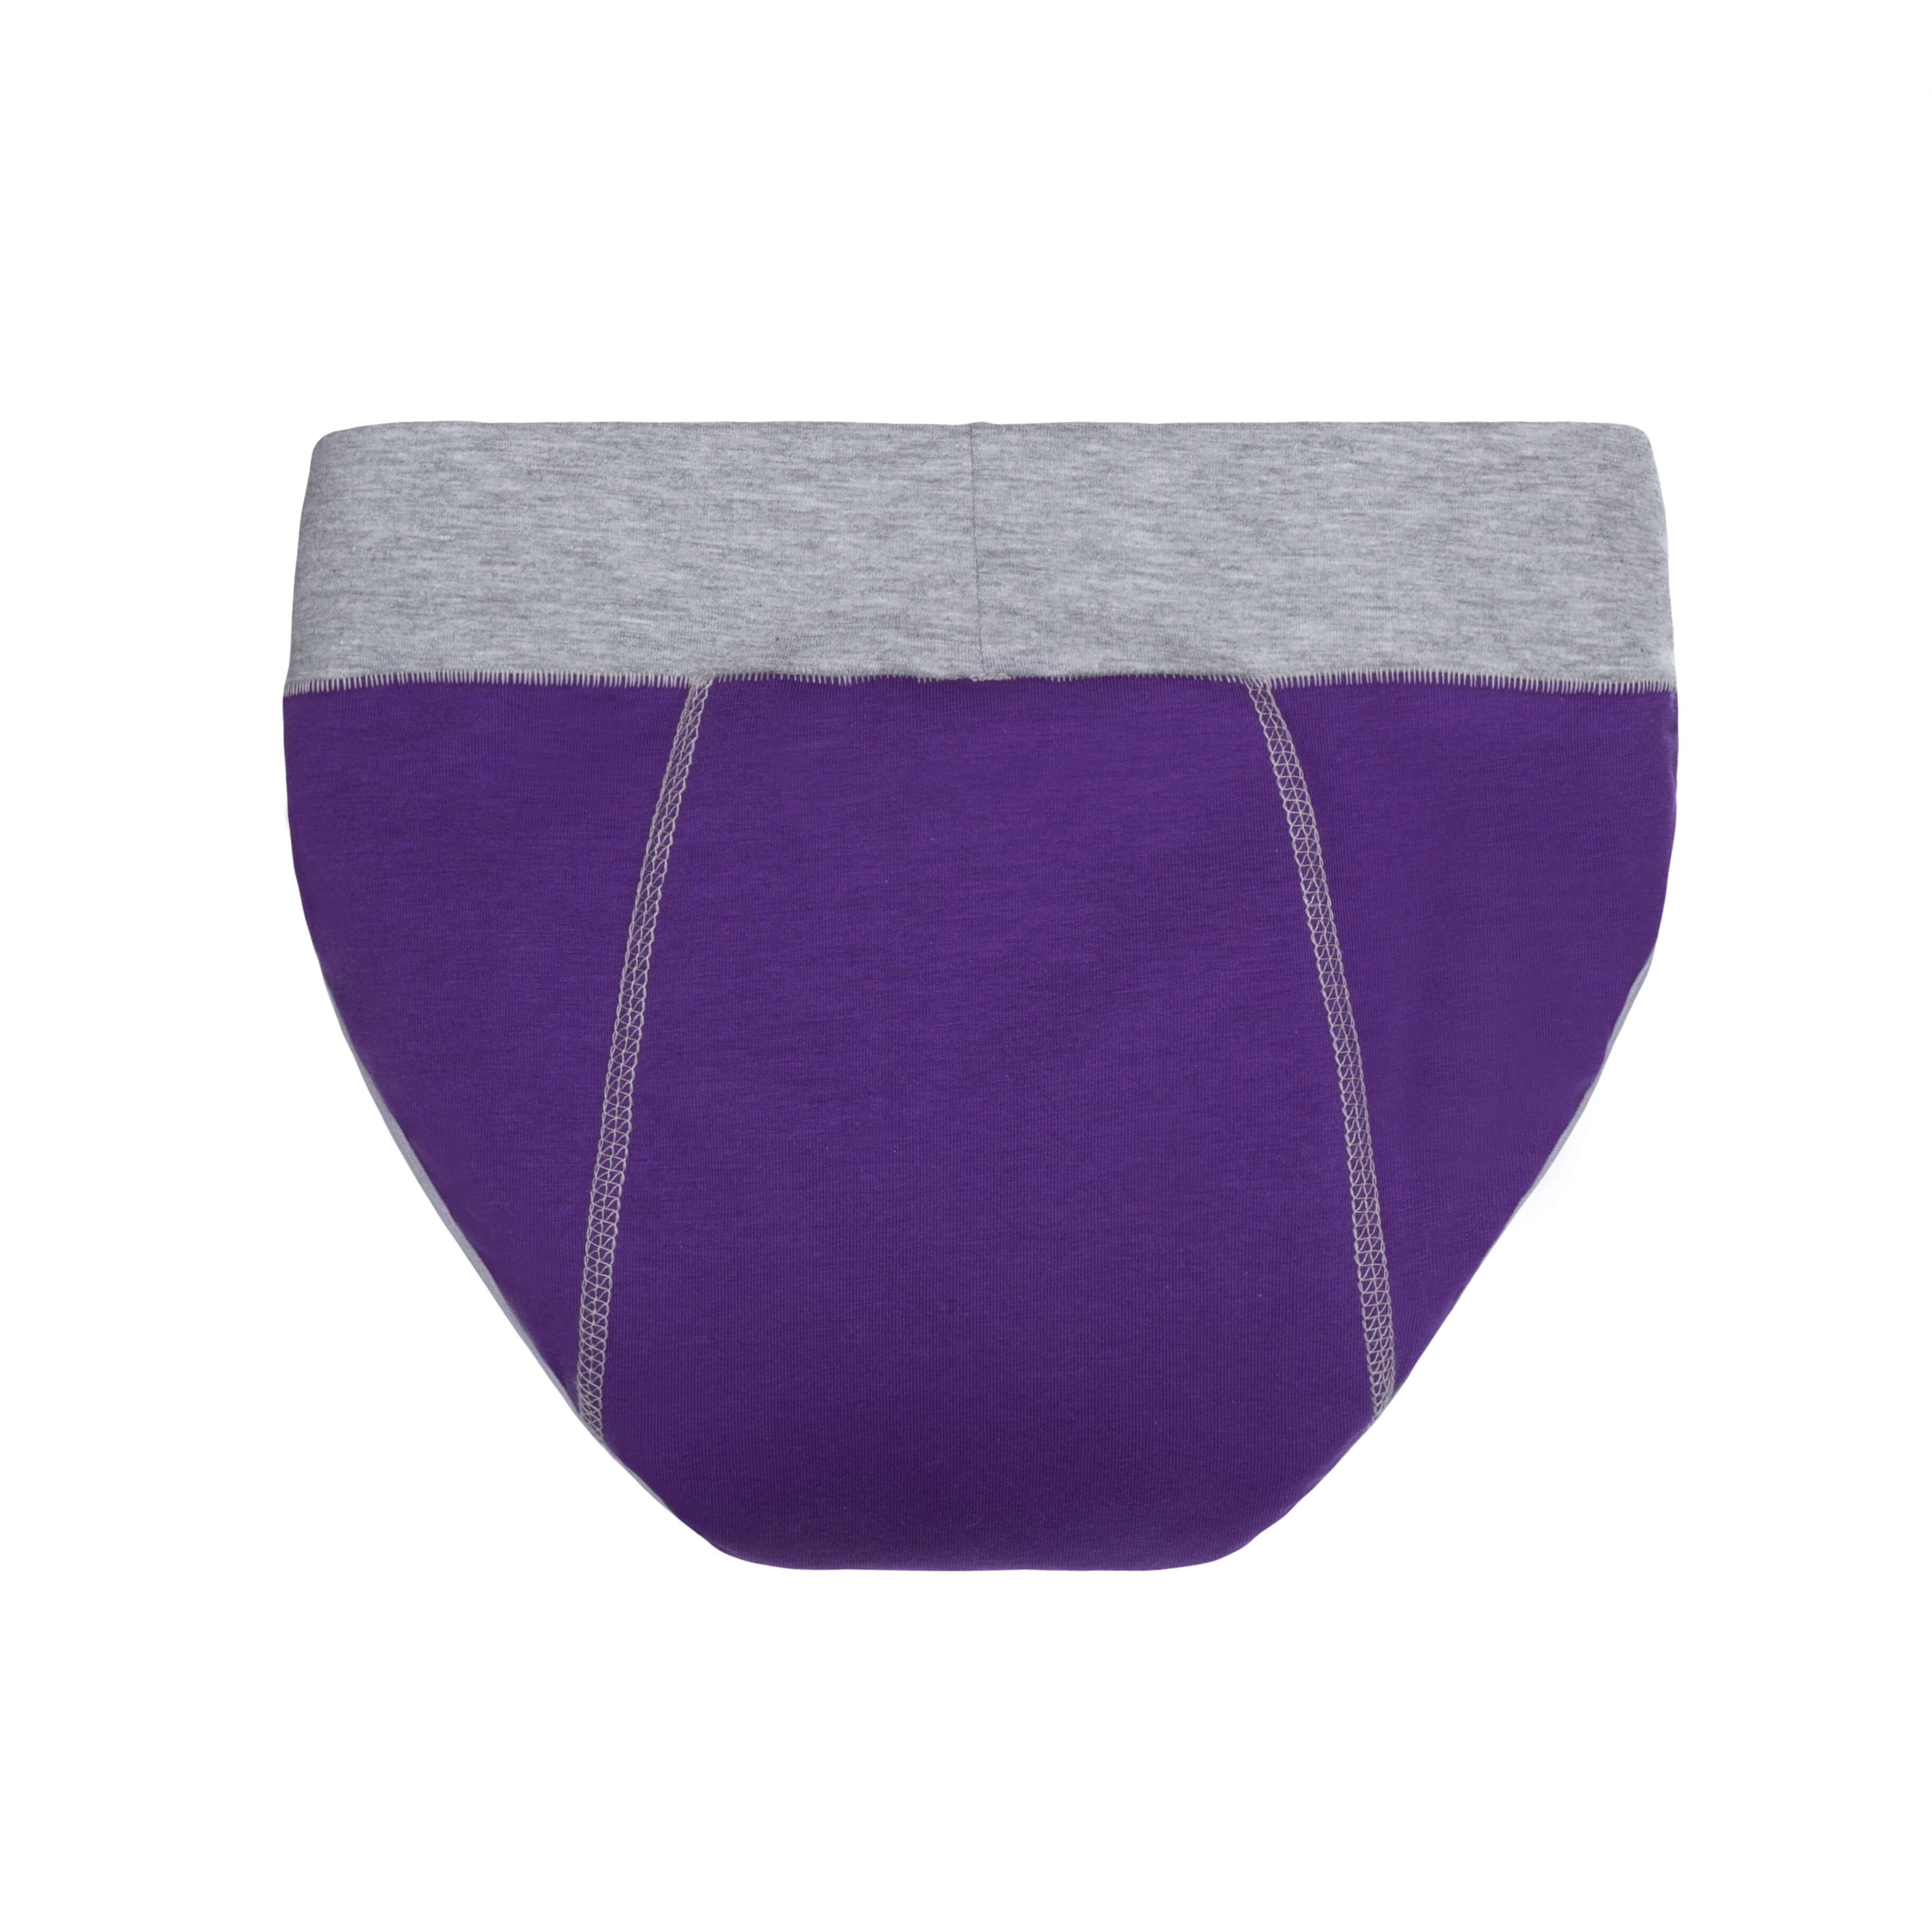 Спорт трусики фіолетові з вбираючим шаром від протікань - Фото 3